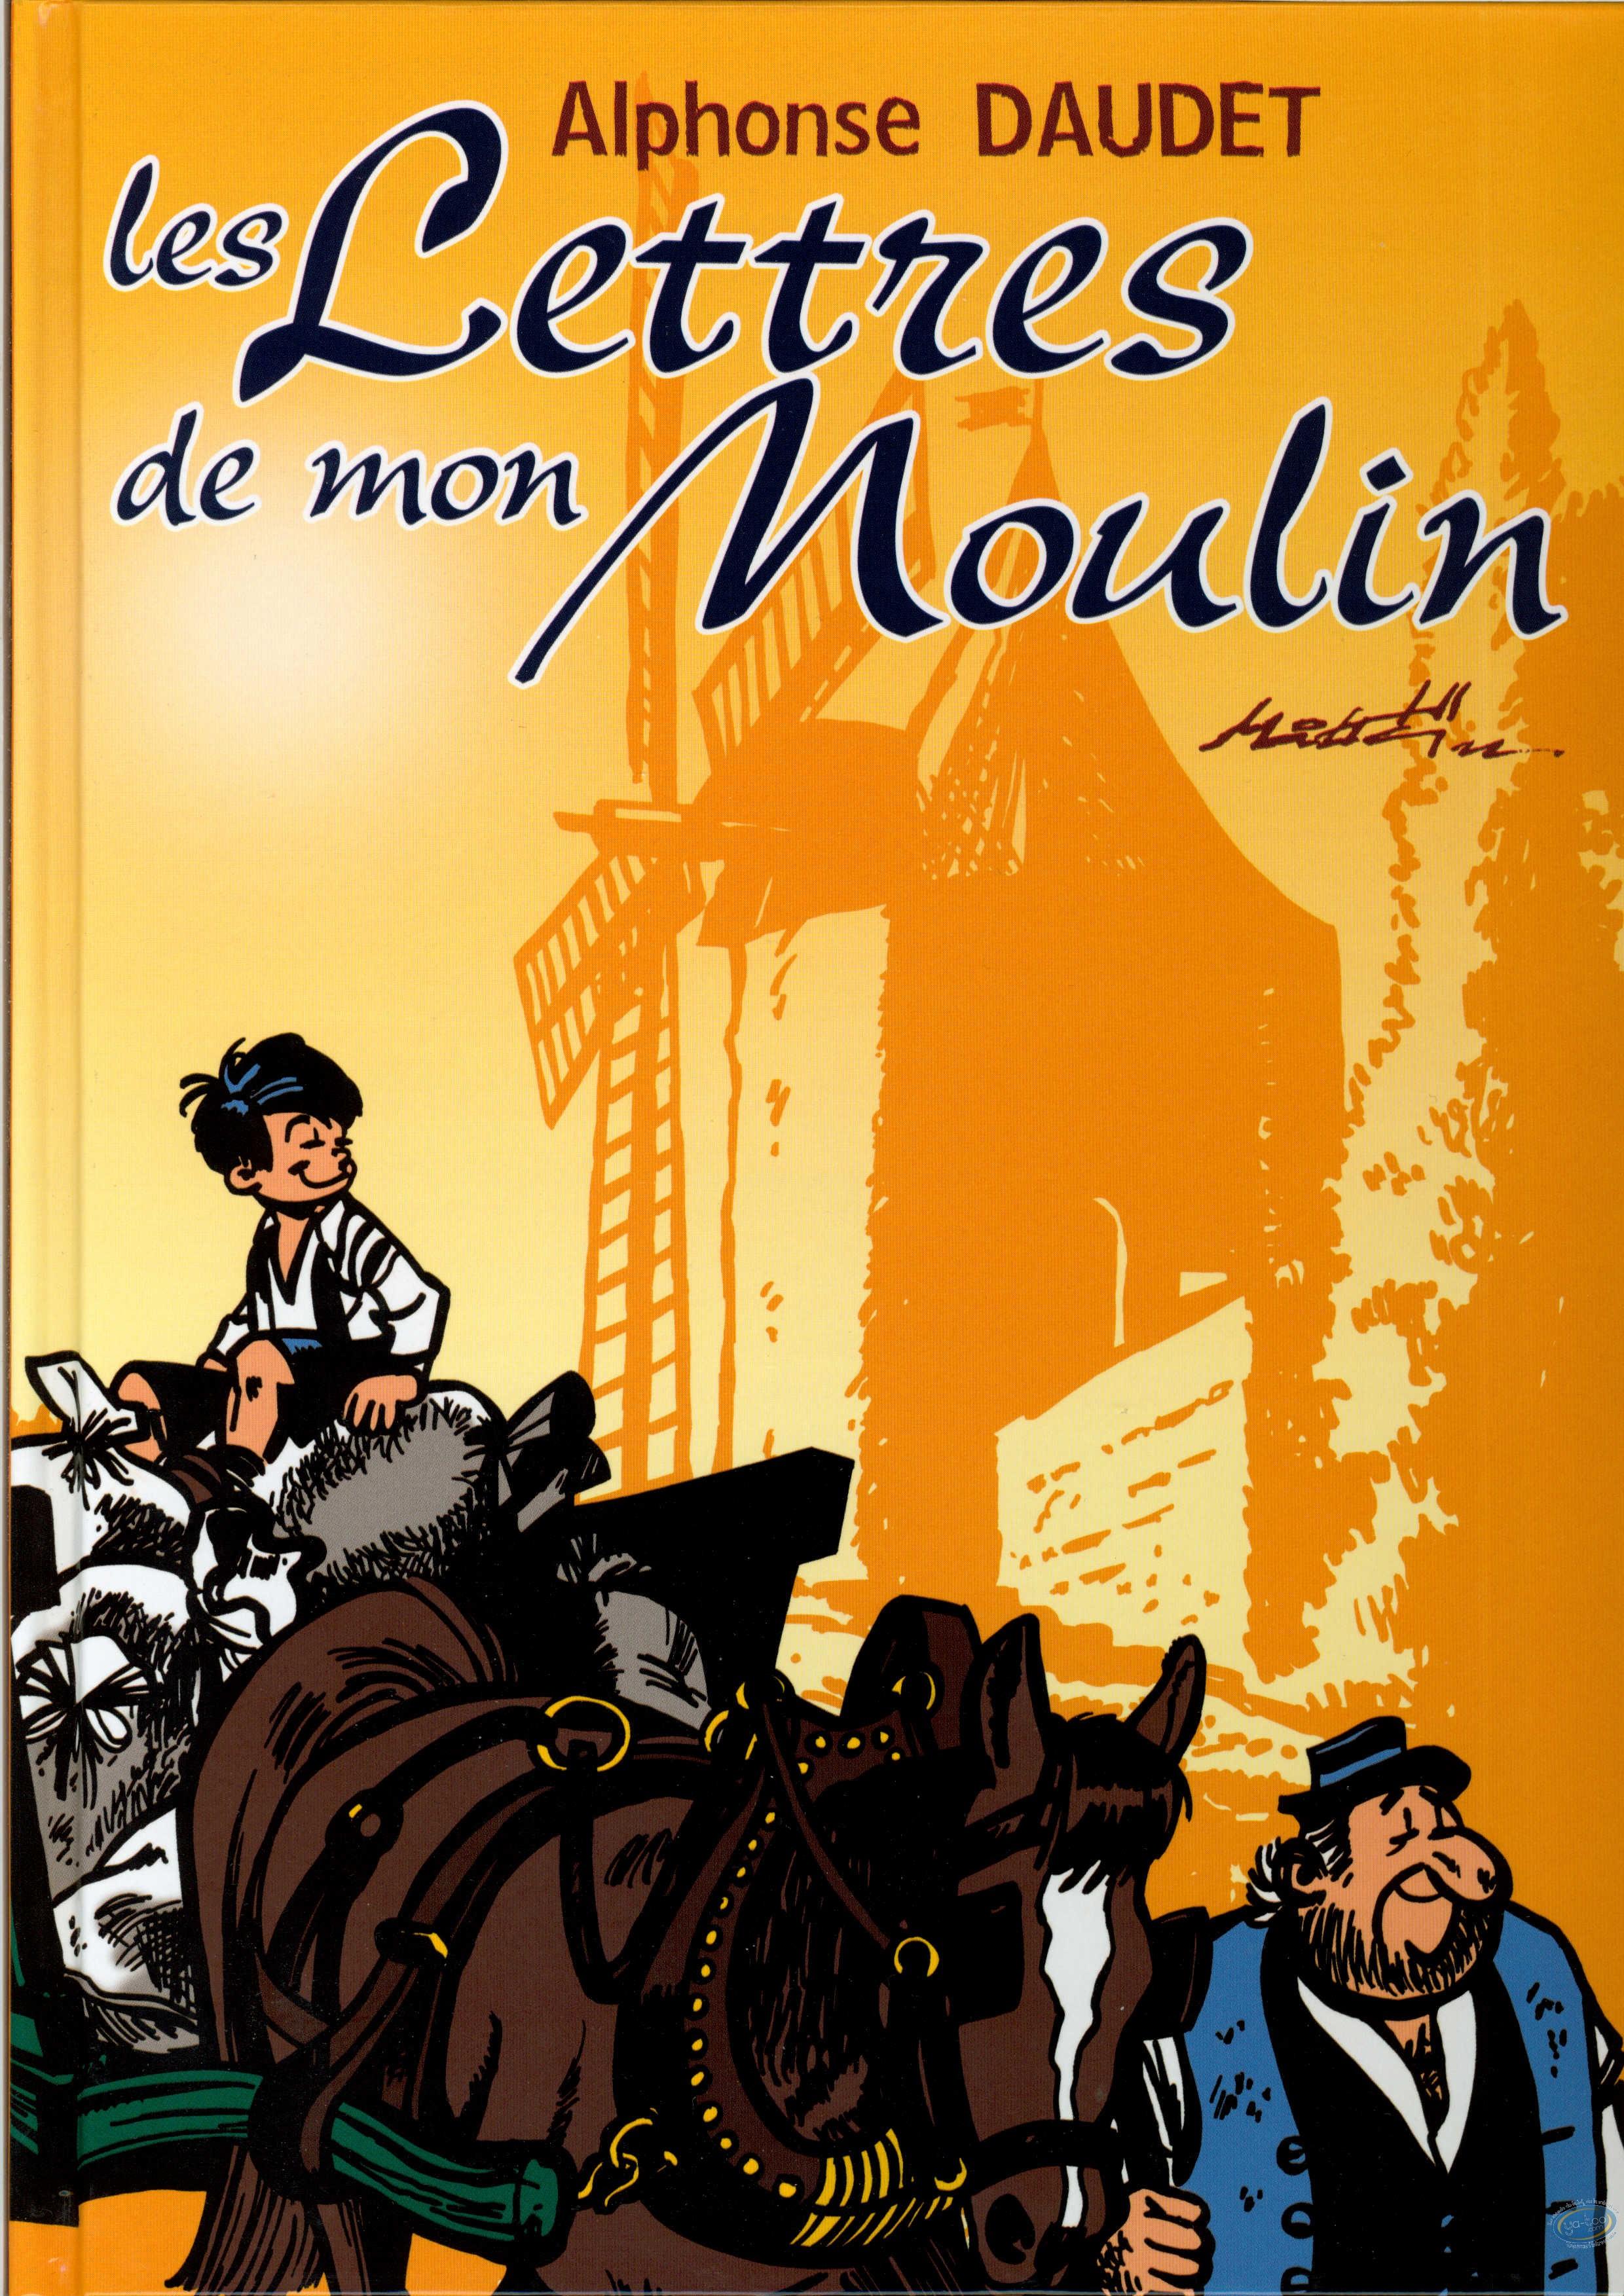 European Comic Books, Lettres de mon Moulin (Les) : Intégrale Les lettres de mon Moulin